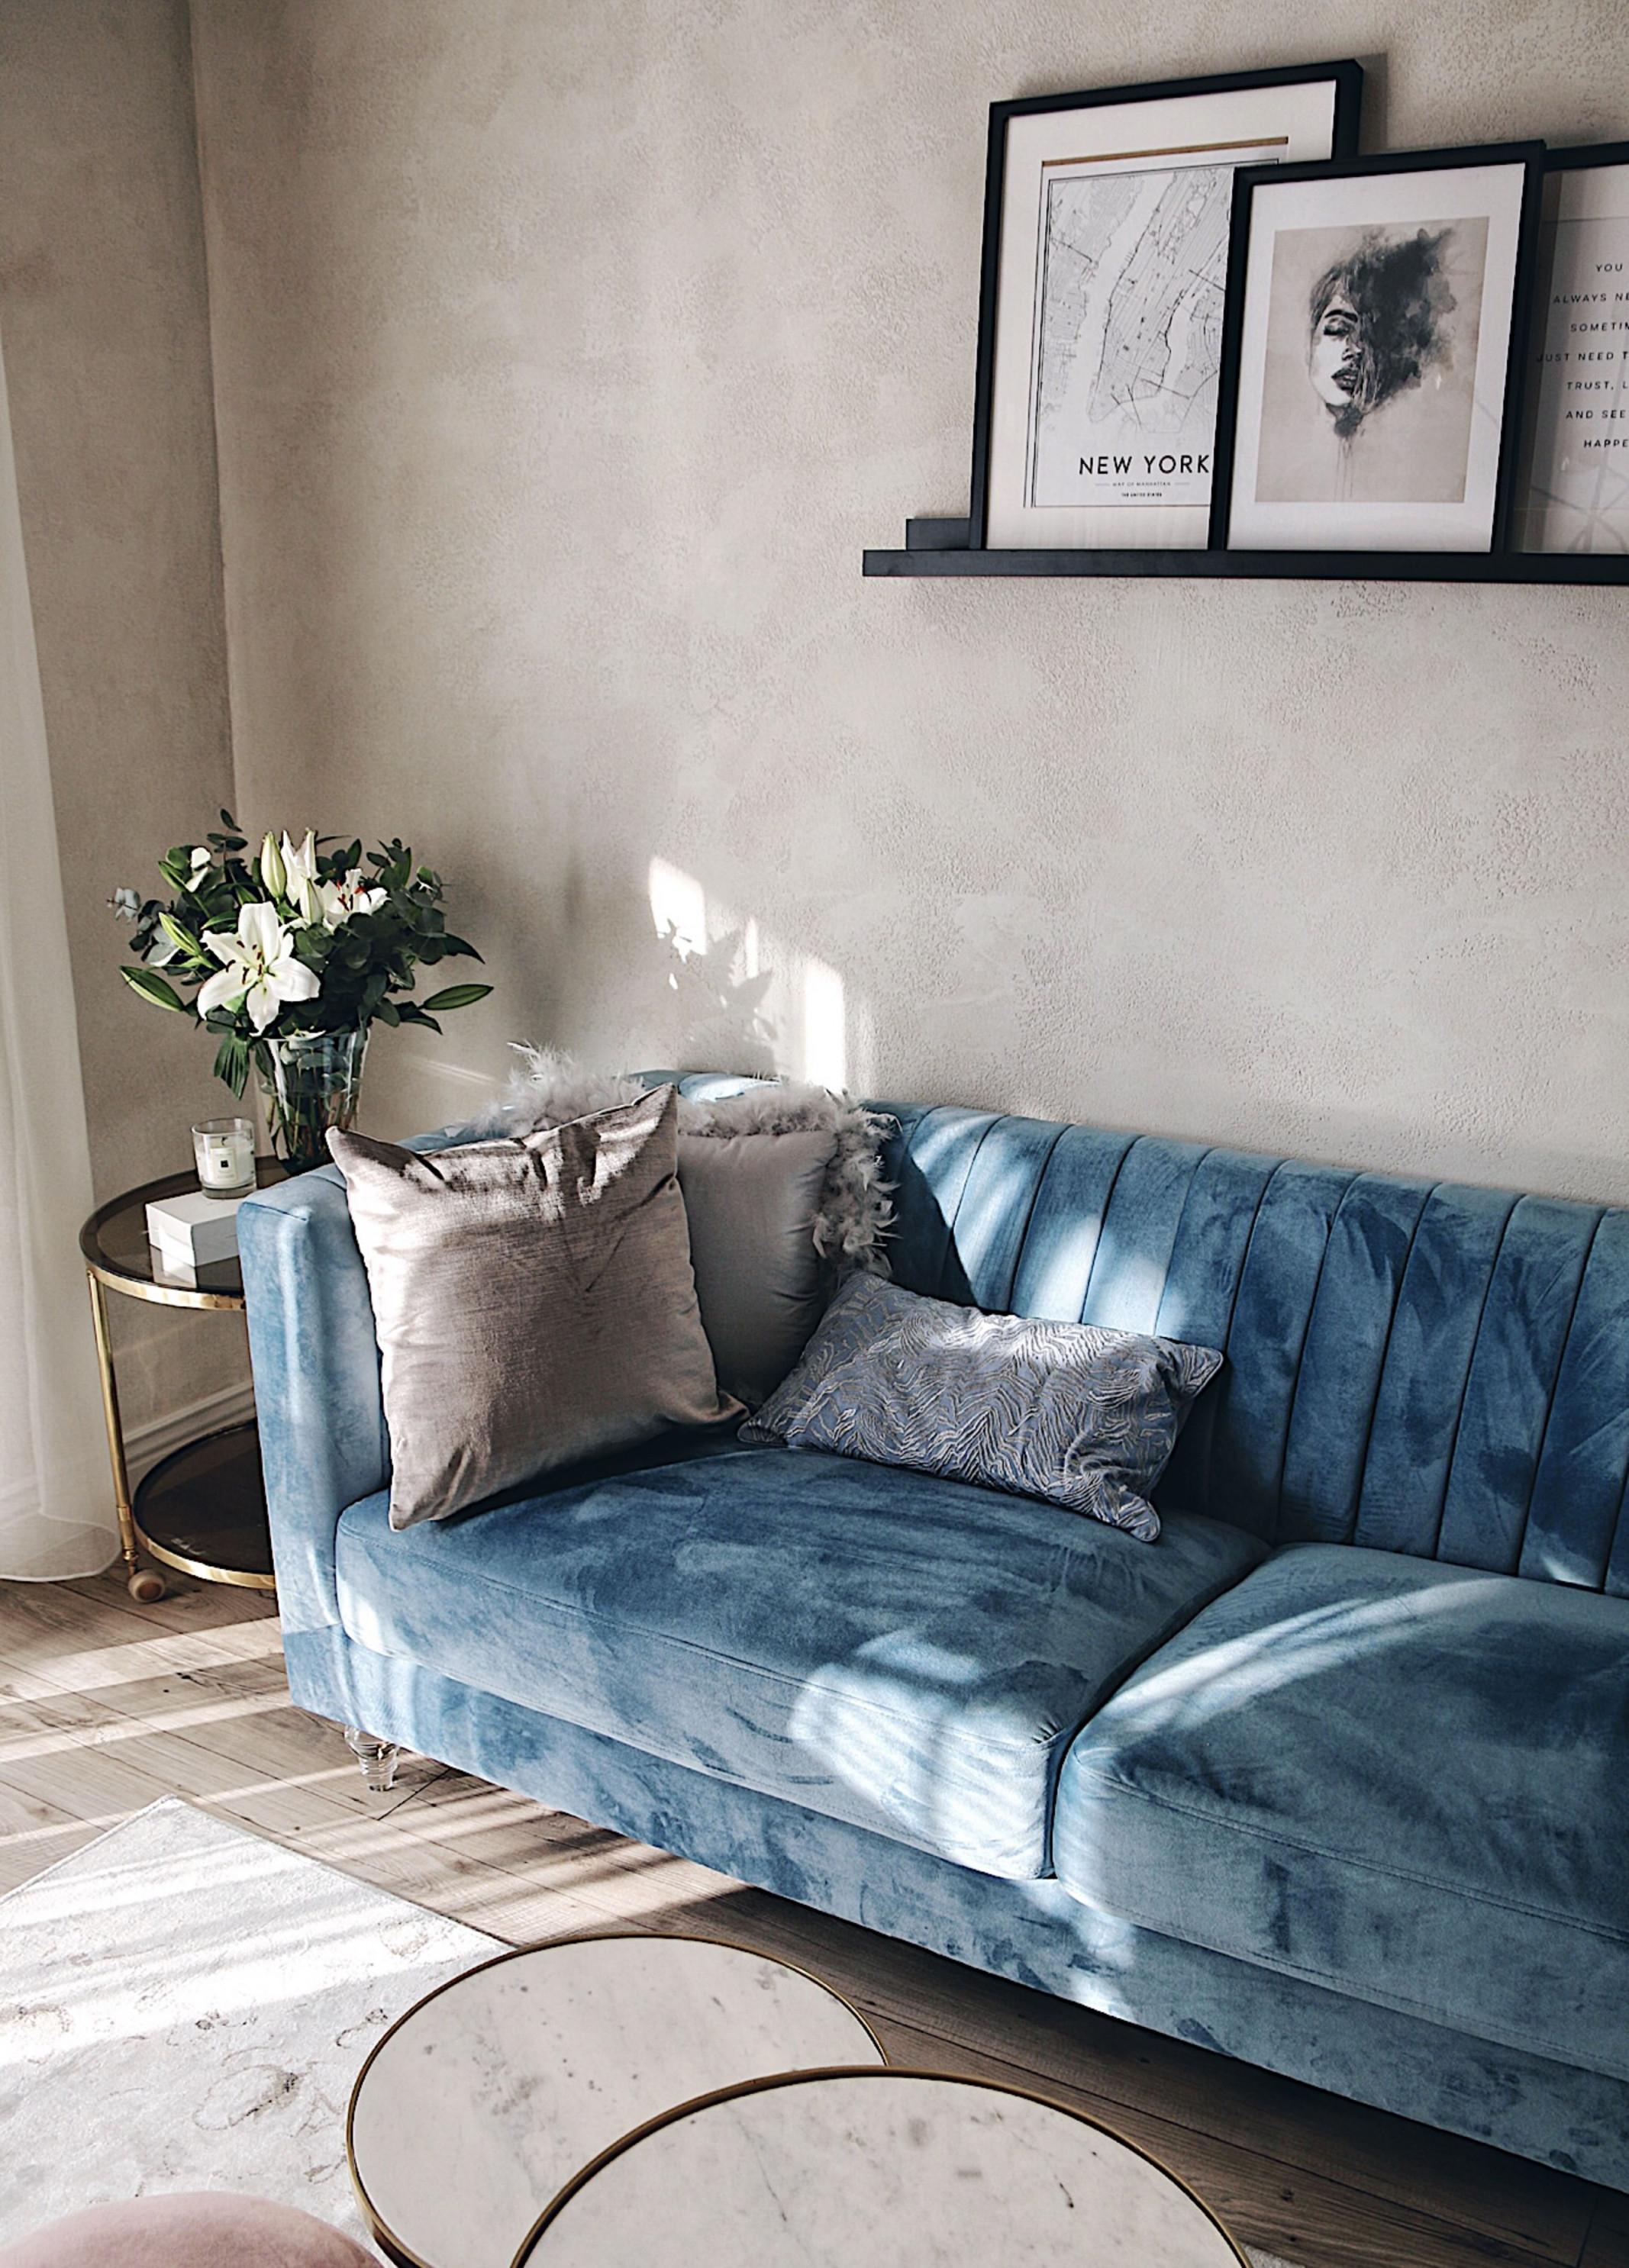 Soffa Sammet Ljusblå Arvika  Einrichten Und Wohnen von Deko Hellblau Wohnzimmer Bild